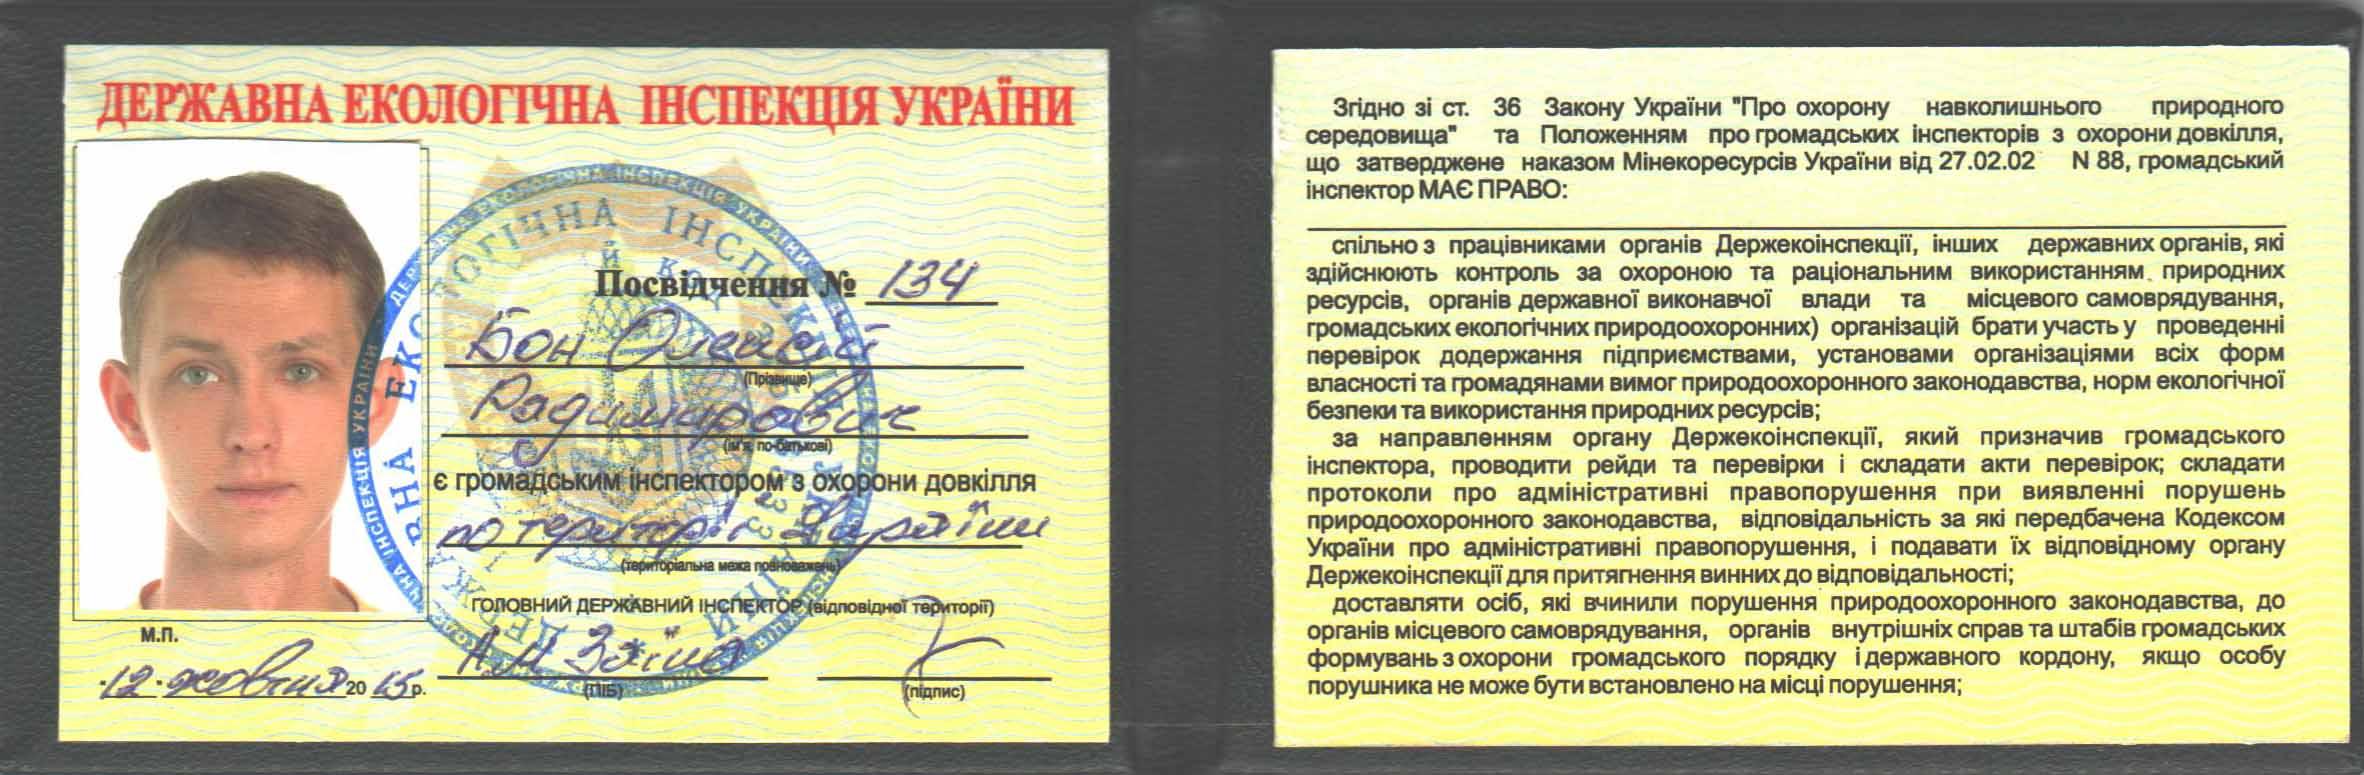 Удостоверение общественного экологического инспектора Украины (Бон А.Р.)